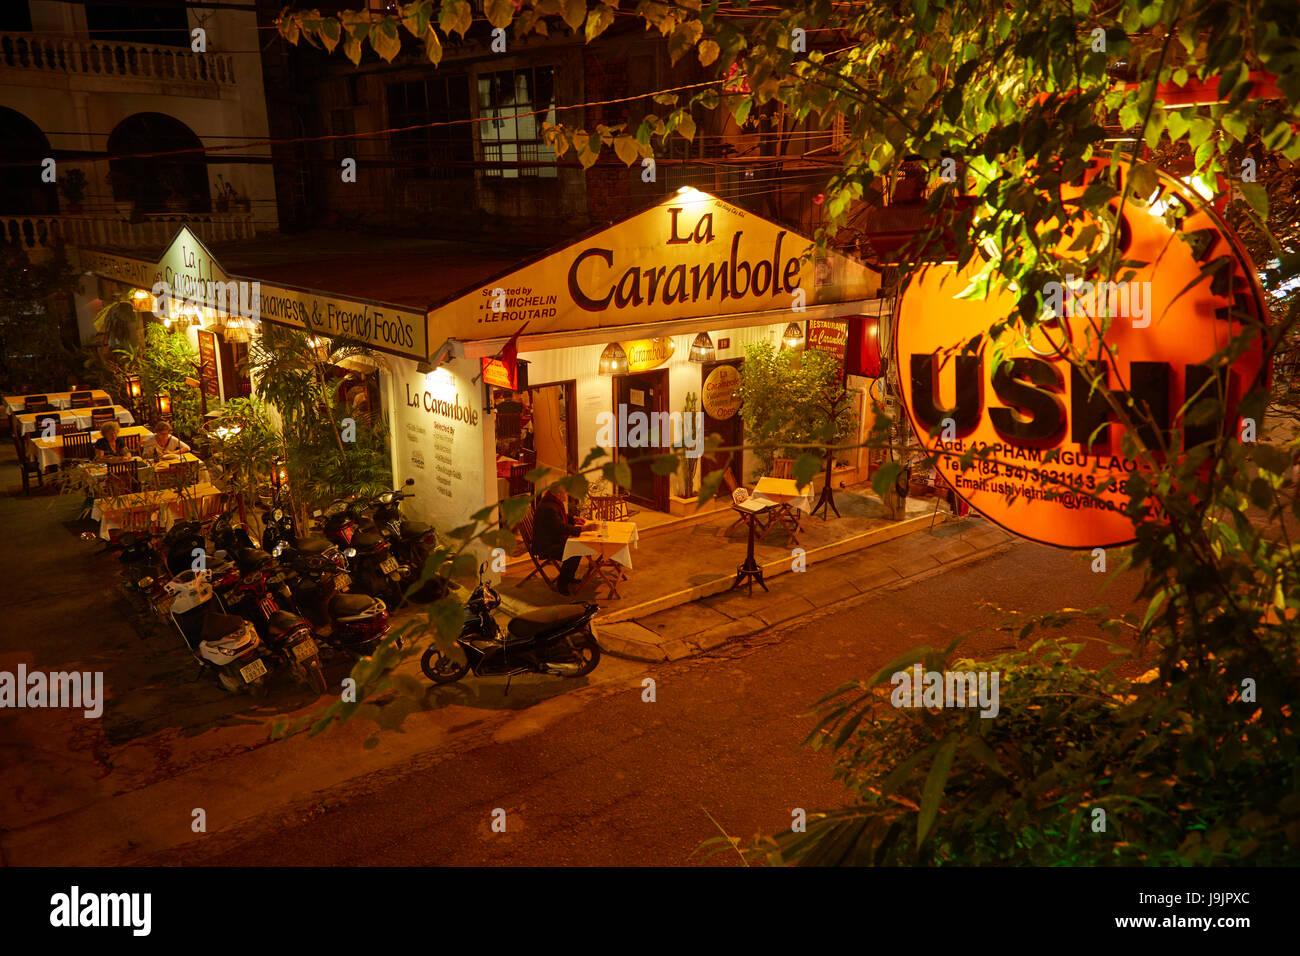 La Internazionale Ristorante, Tonalità North Central Coast, Vietnam Immagini Stock